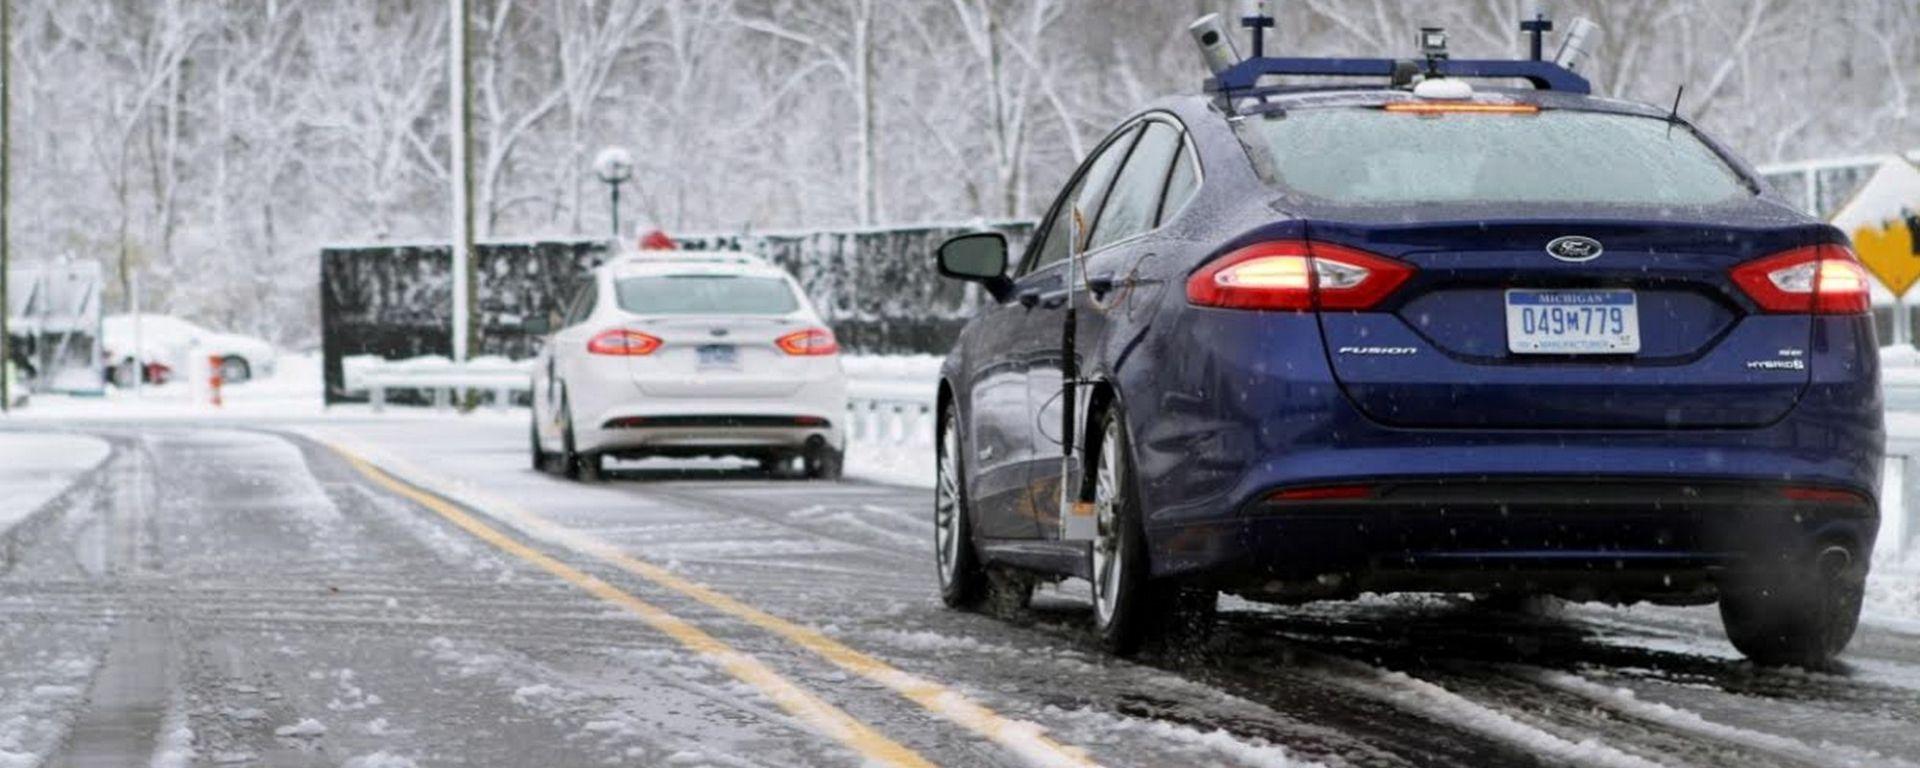 Guida autonoma, problemi con neve e ghiaccio